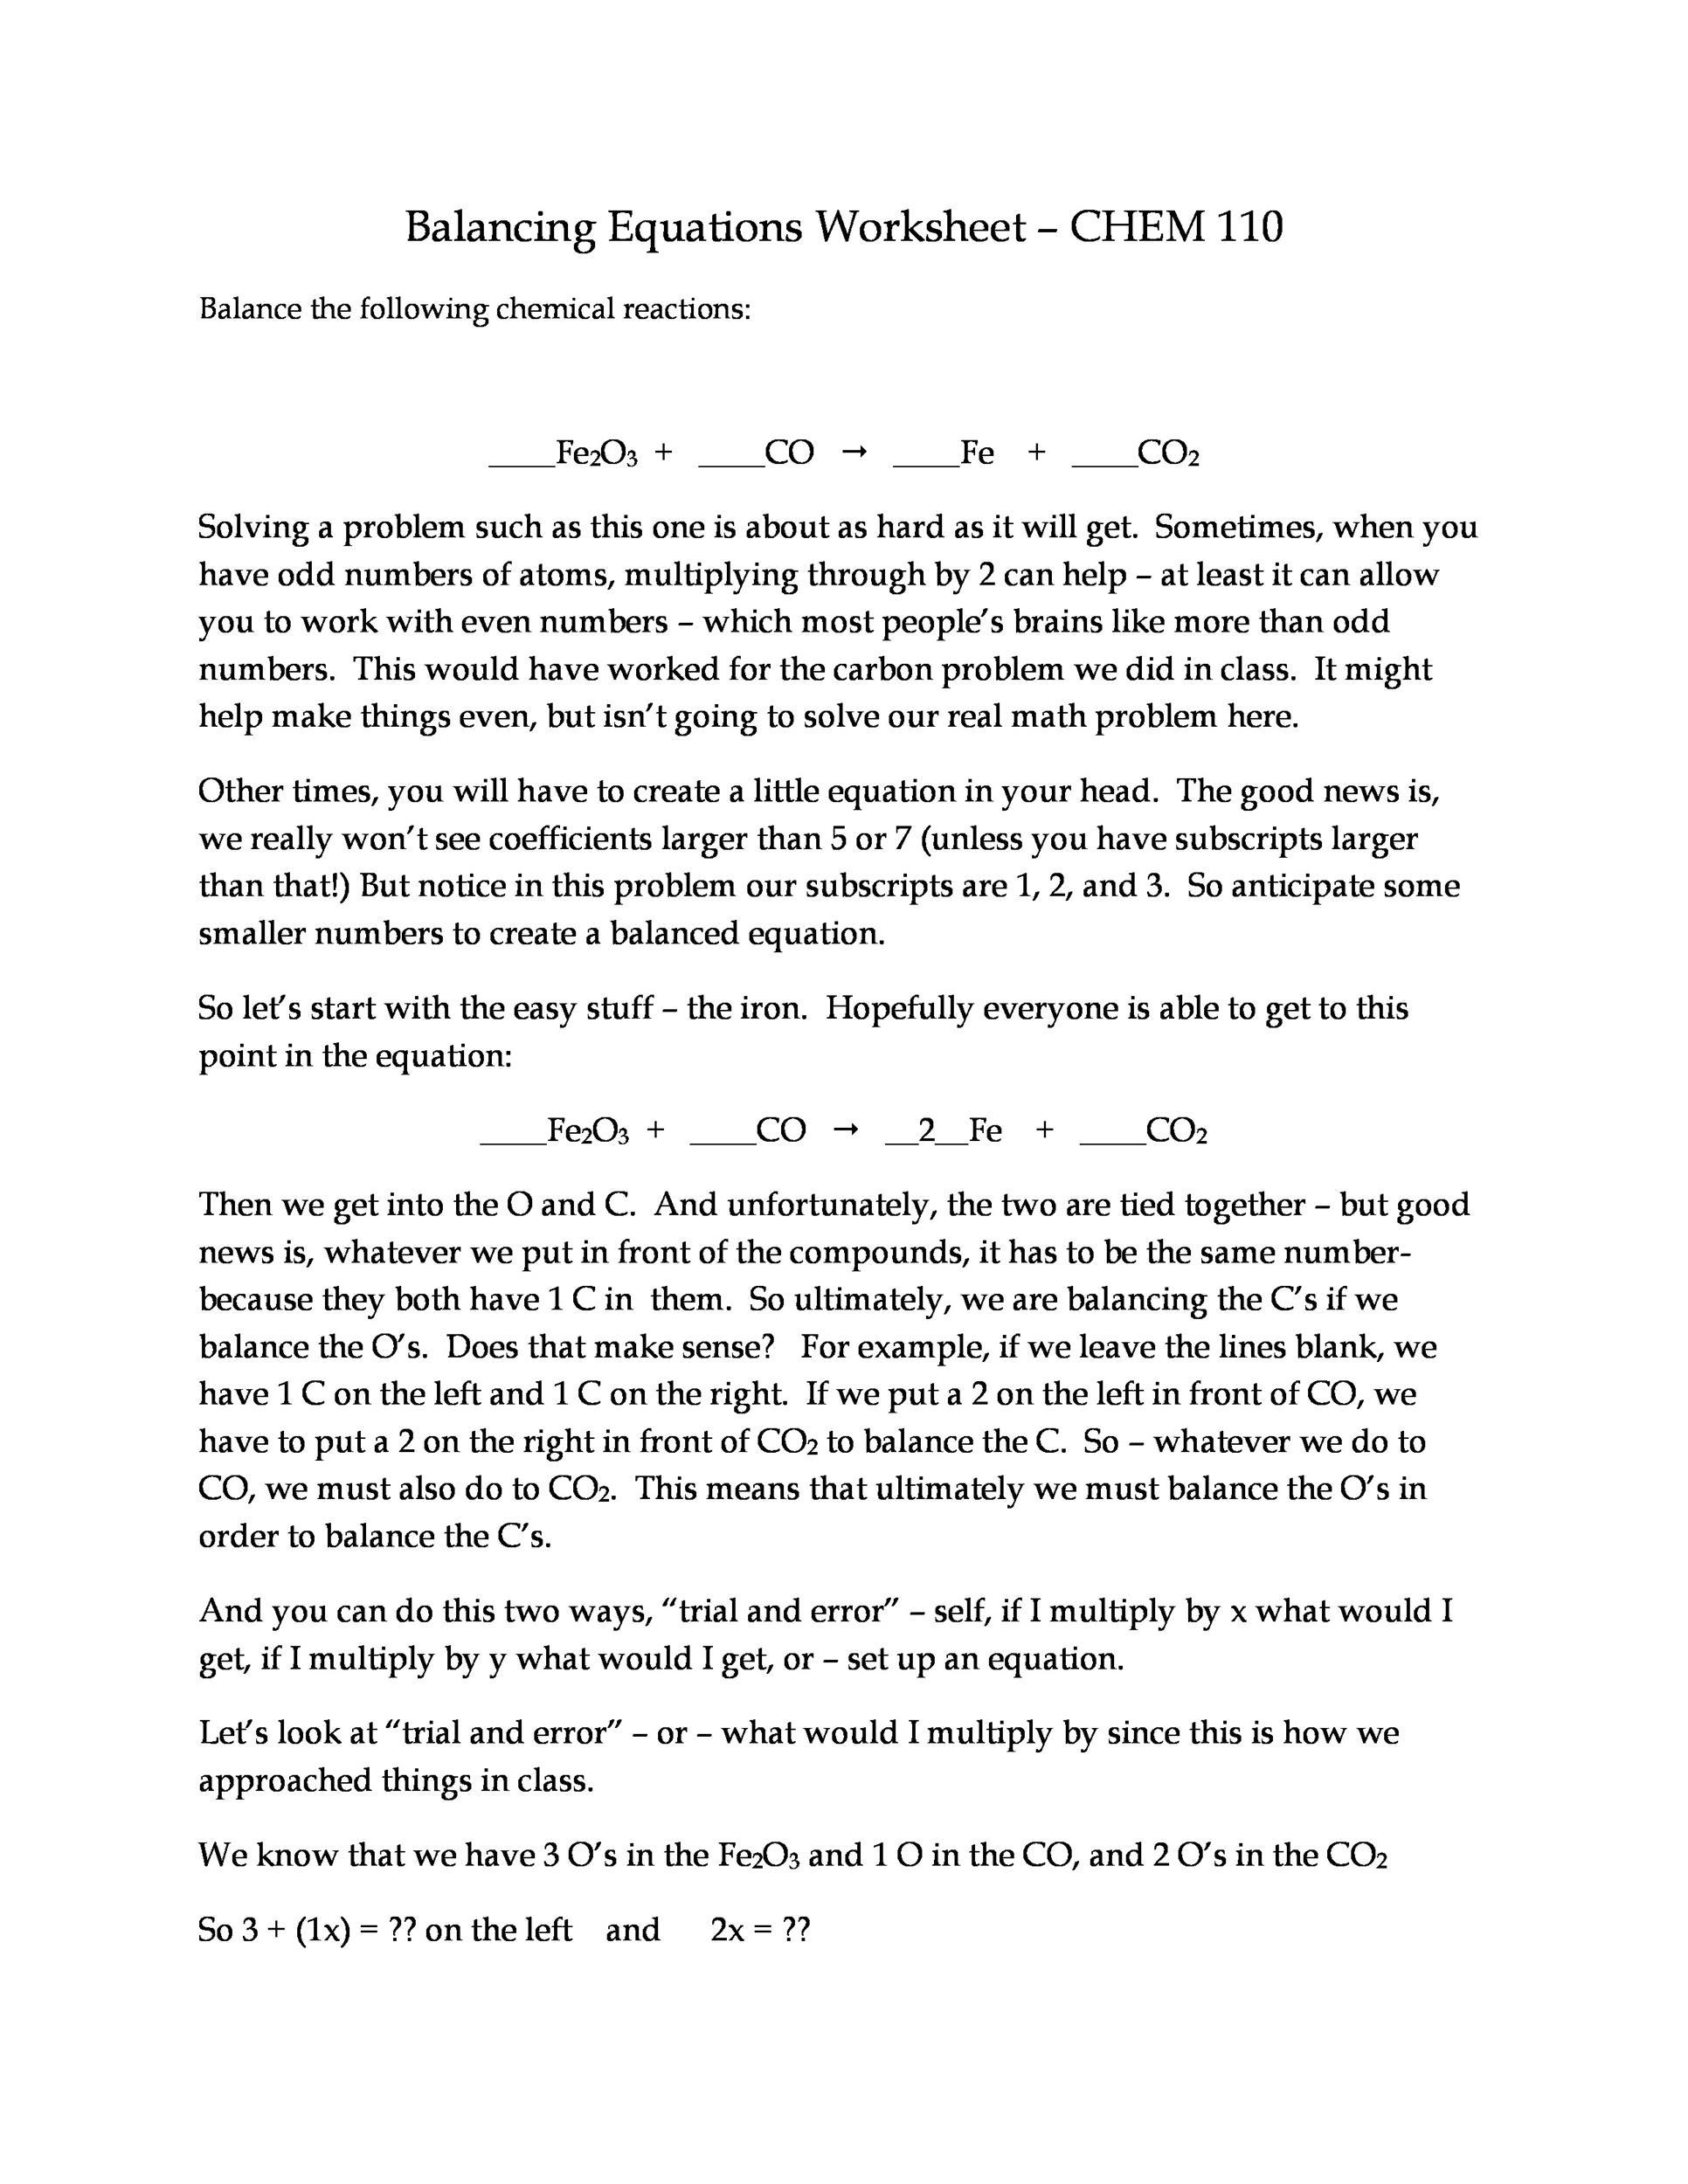 Free balancing equations 23